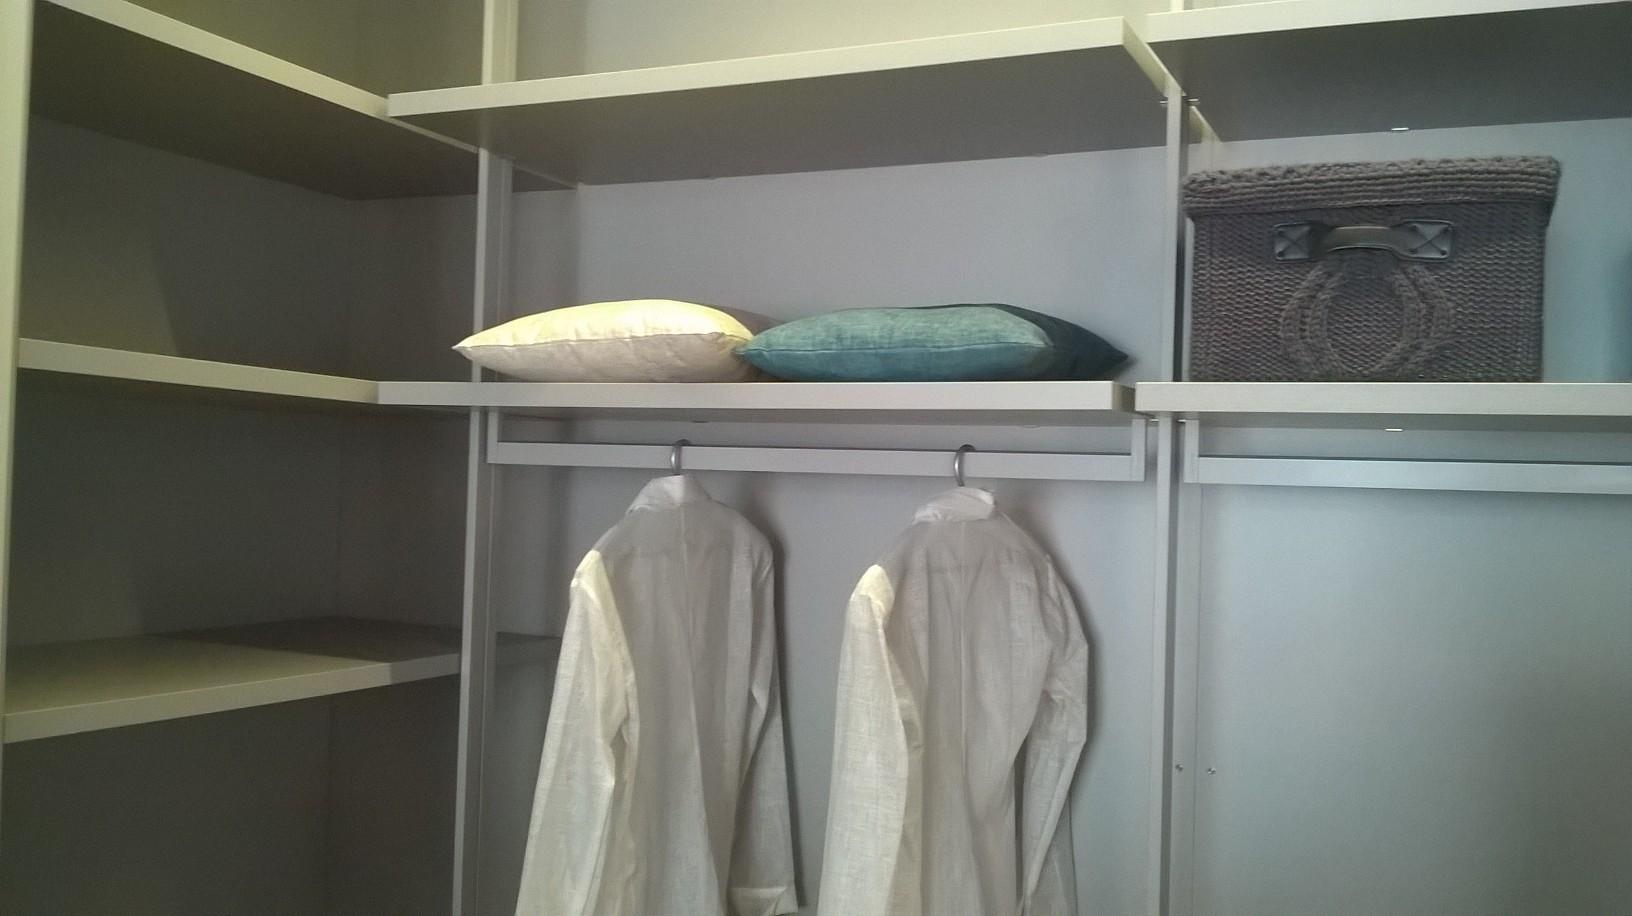 Aste appendiabiti per cabine armadio casamia idea di for Cabina del biscotto di marthastewart com